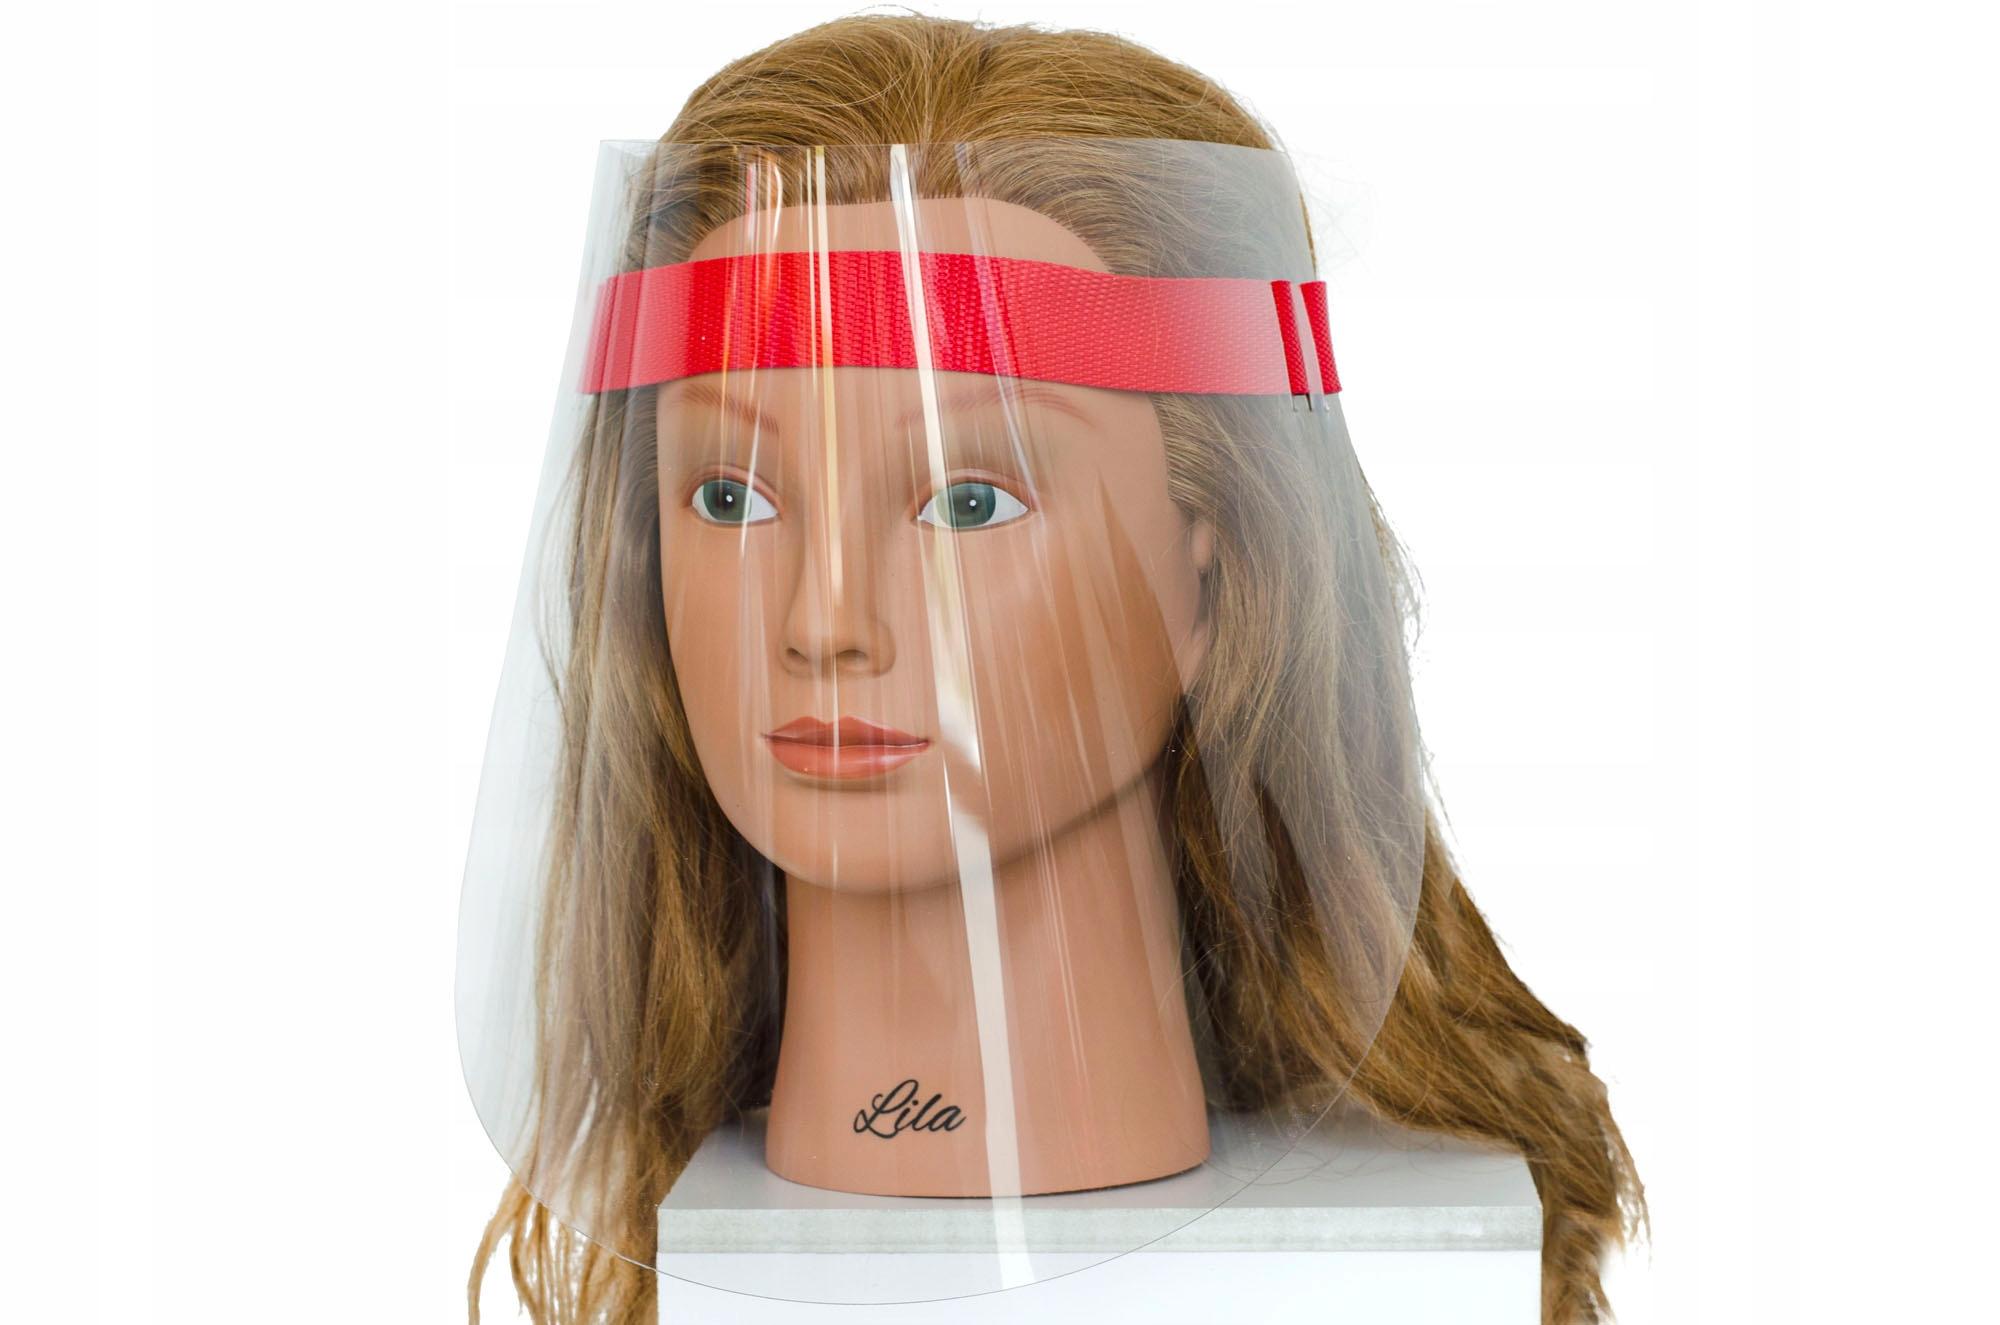 Щиток защитный на лицо, маска для лица mask 24 ЧАСА